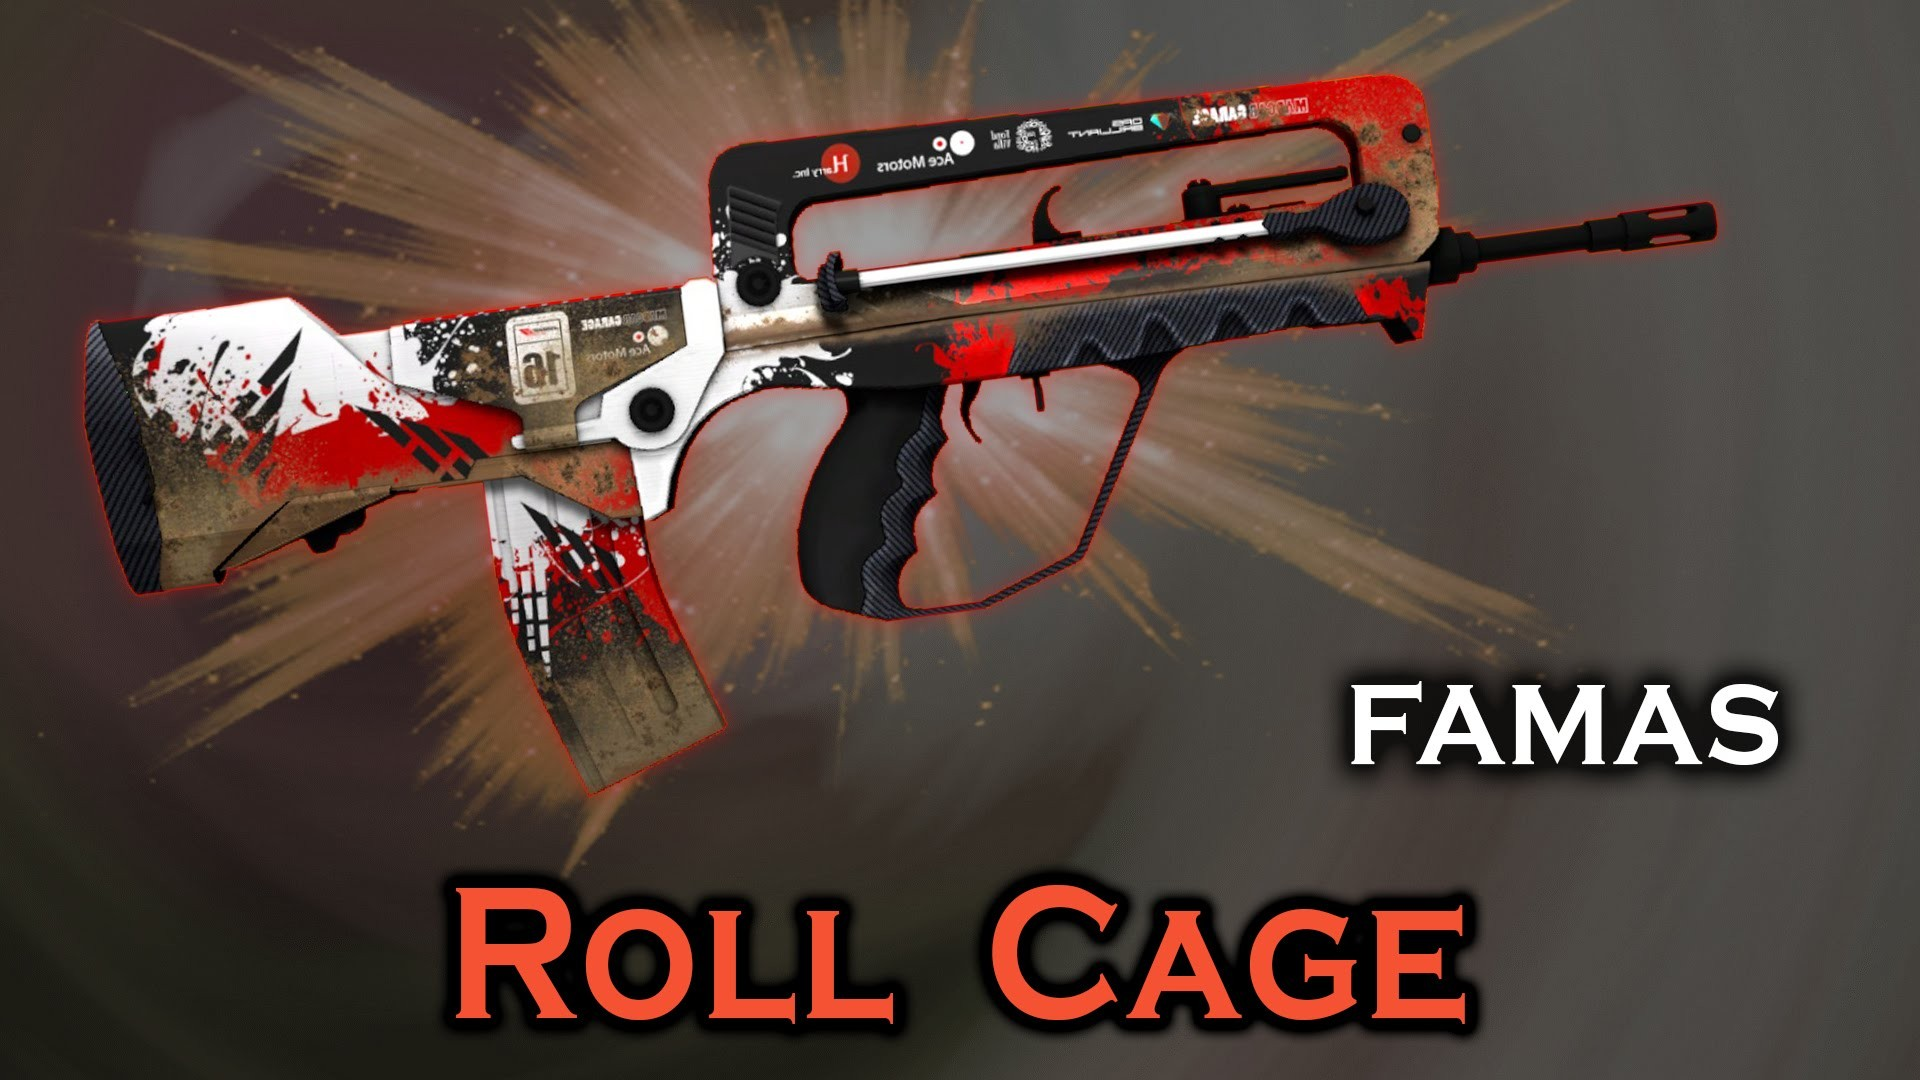 دانلود اسکین فاماس CS:GO FAMAS Roll Cage برای کانتر استریک 1.6